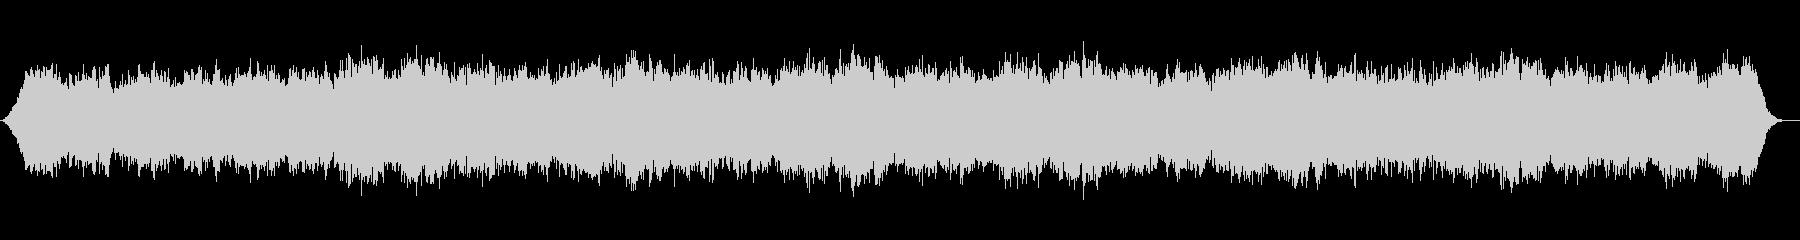 神秘的なシンセサイザーのサウンドの未再生の波形